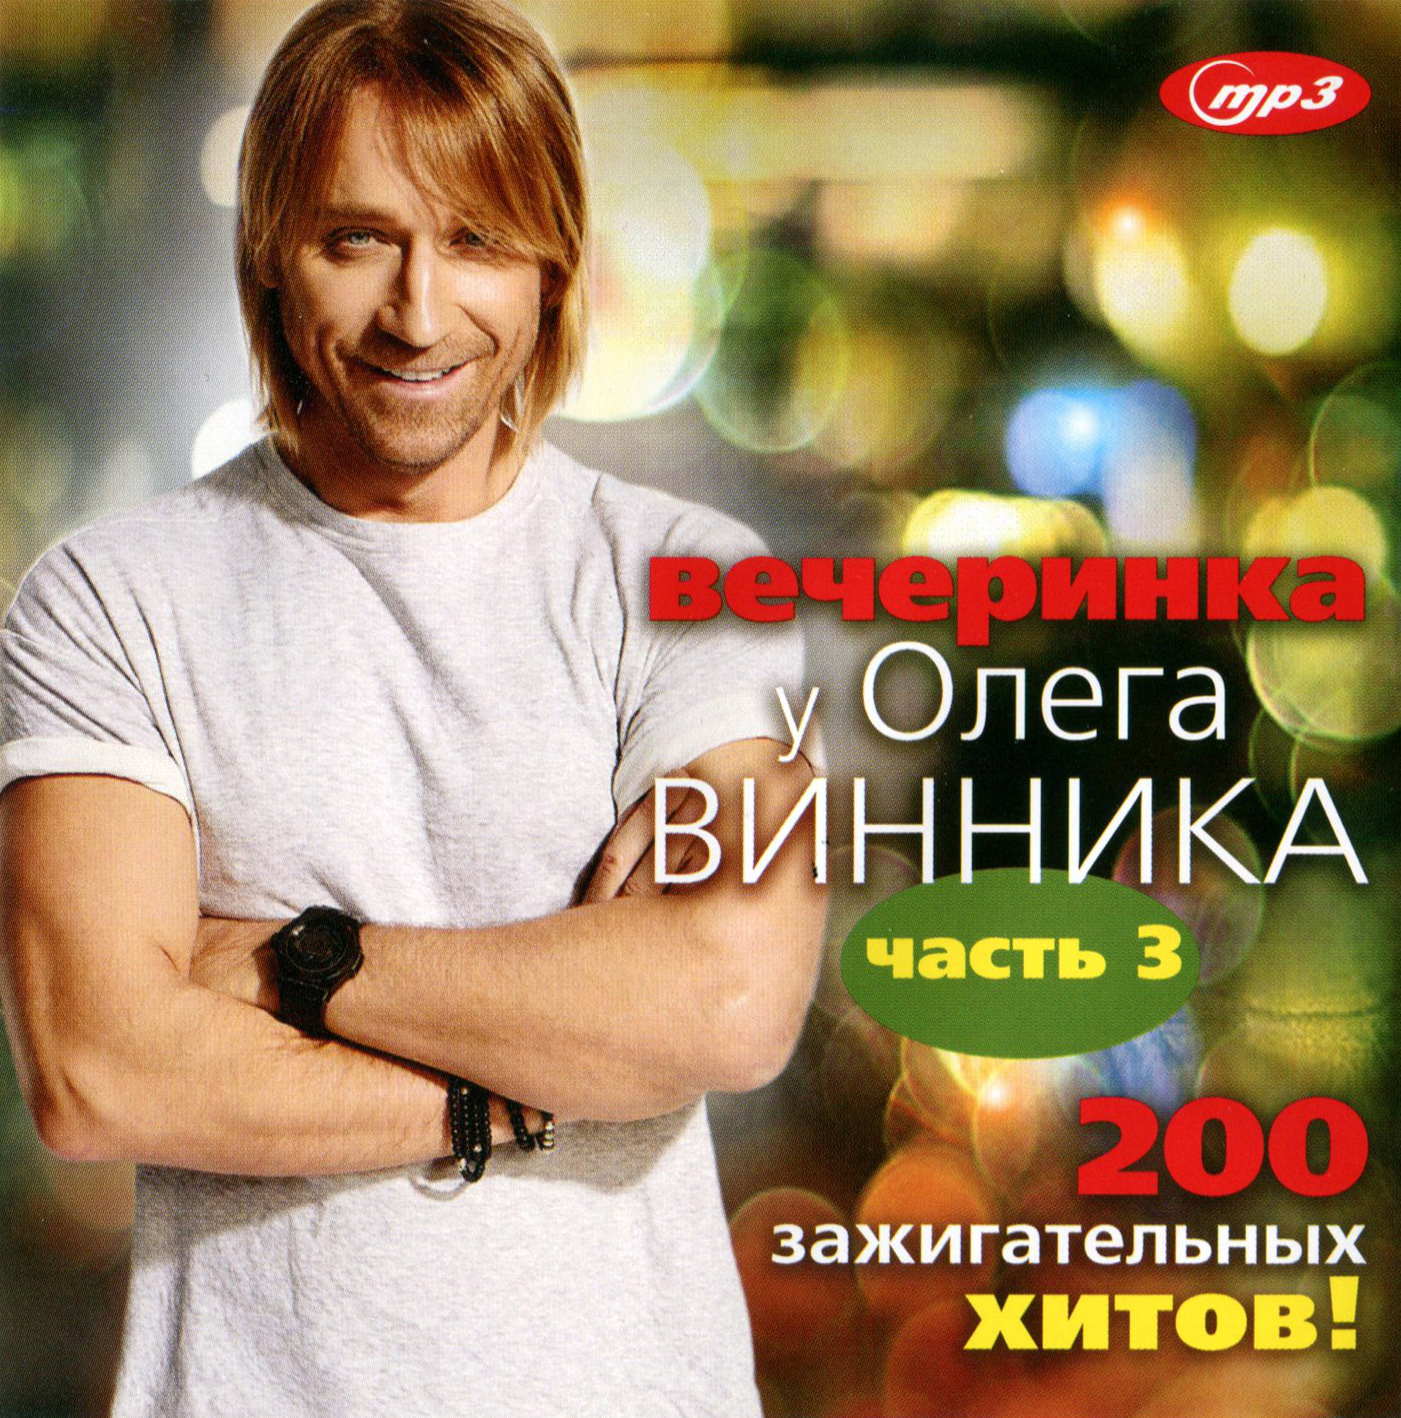 Вечеринка у Олега Винника [mp3]